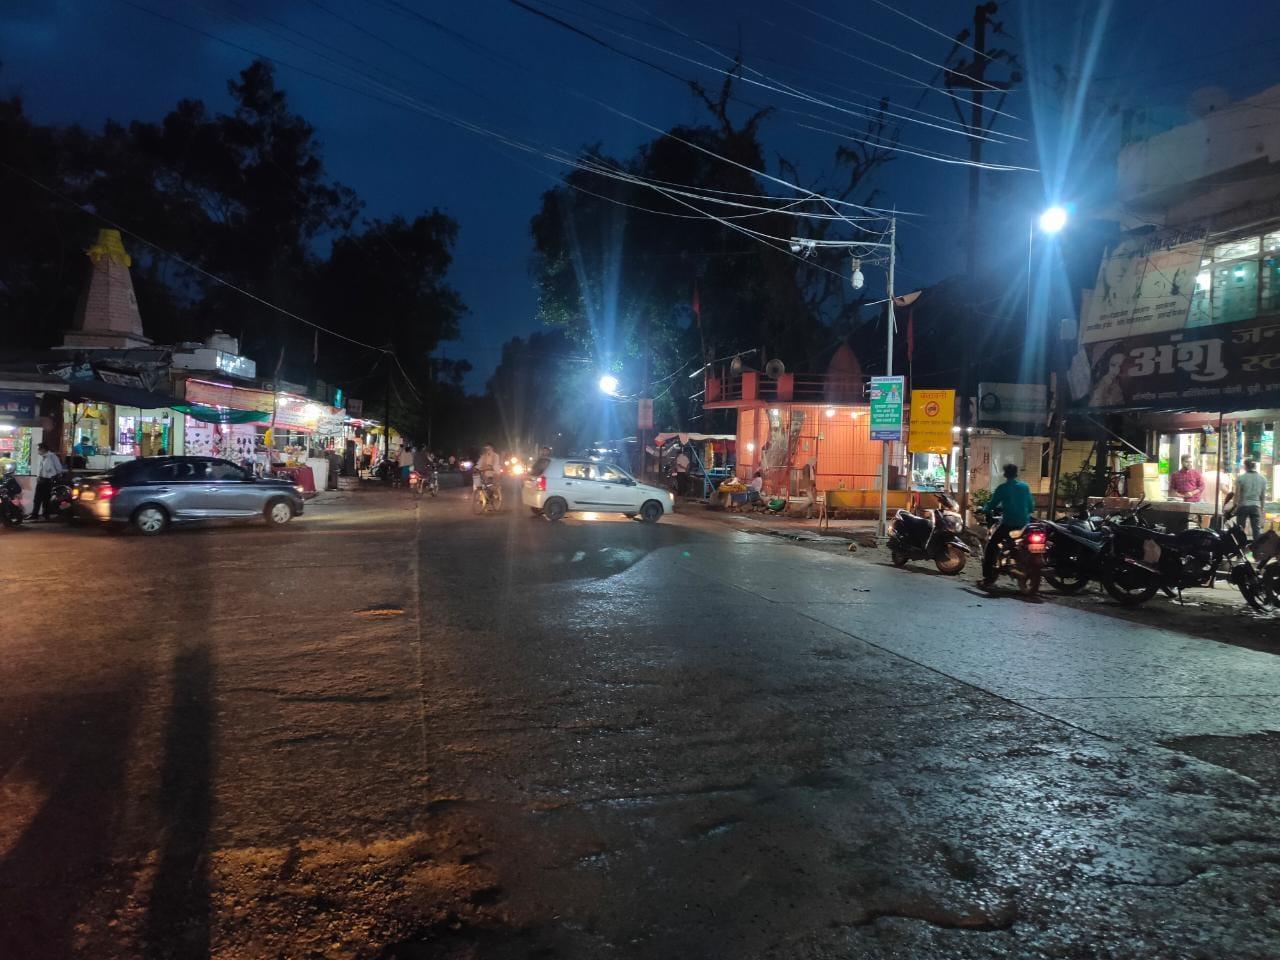 तीन दिन बाद शाम को शुरू बारिश, गर्मी व उमस से मिली राहत|होशंगाबाद,Hoshangabad - Dainik Bhaskar